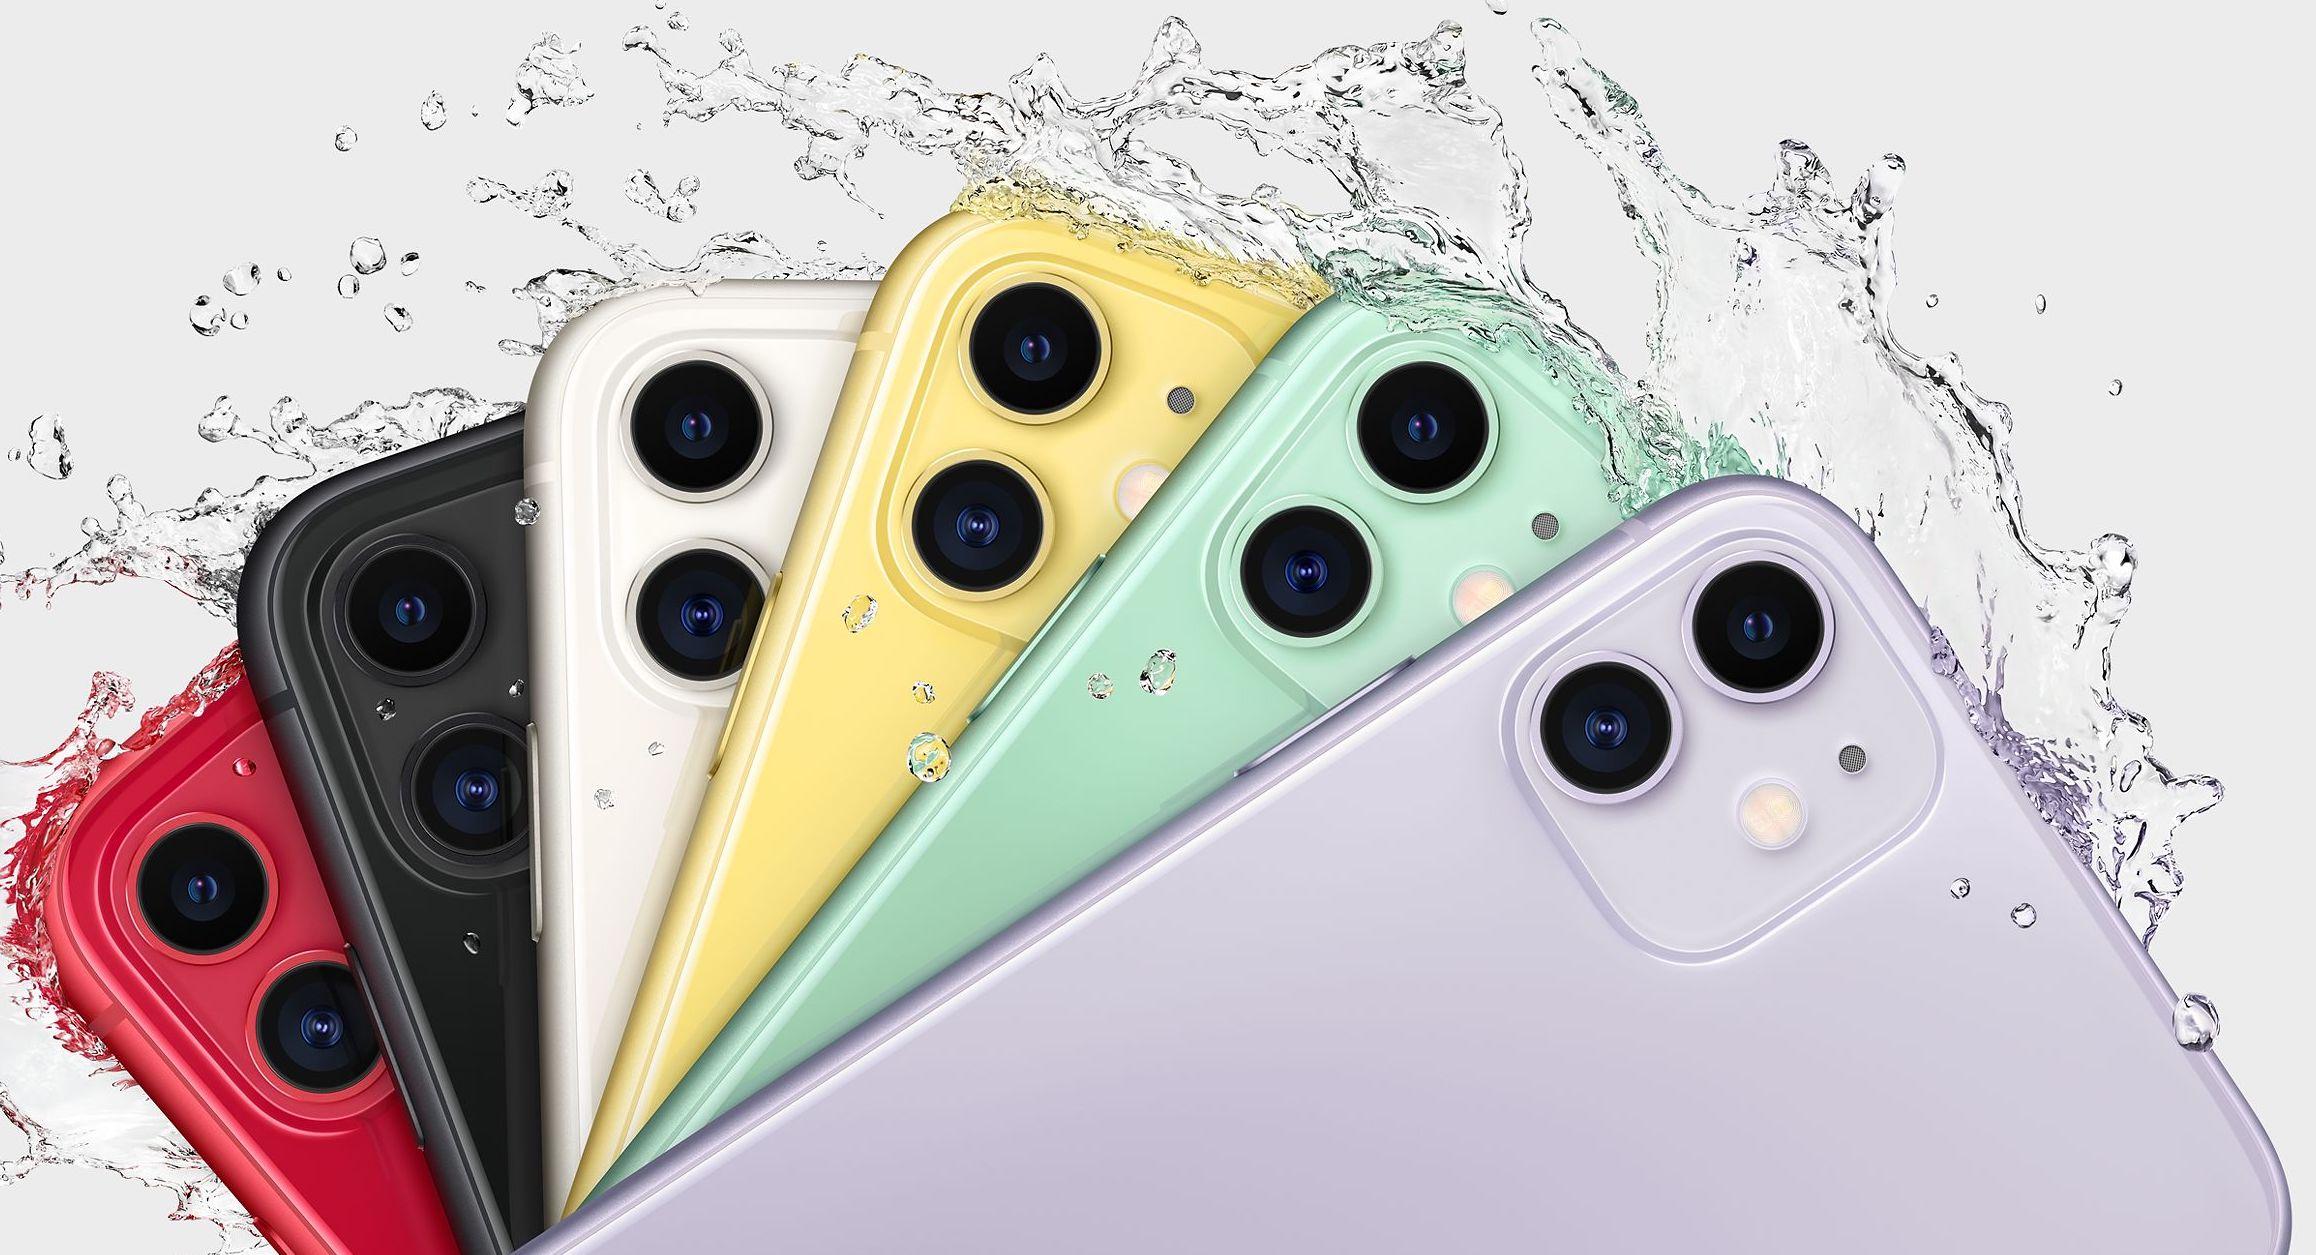 L'iPhone 11 est moins cher en échangeant son ancien smartphone sur Volpy